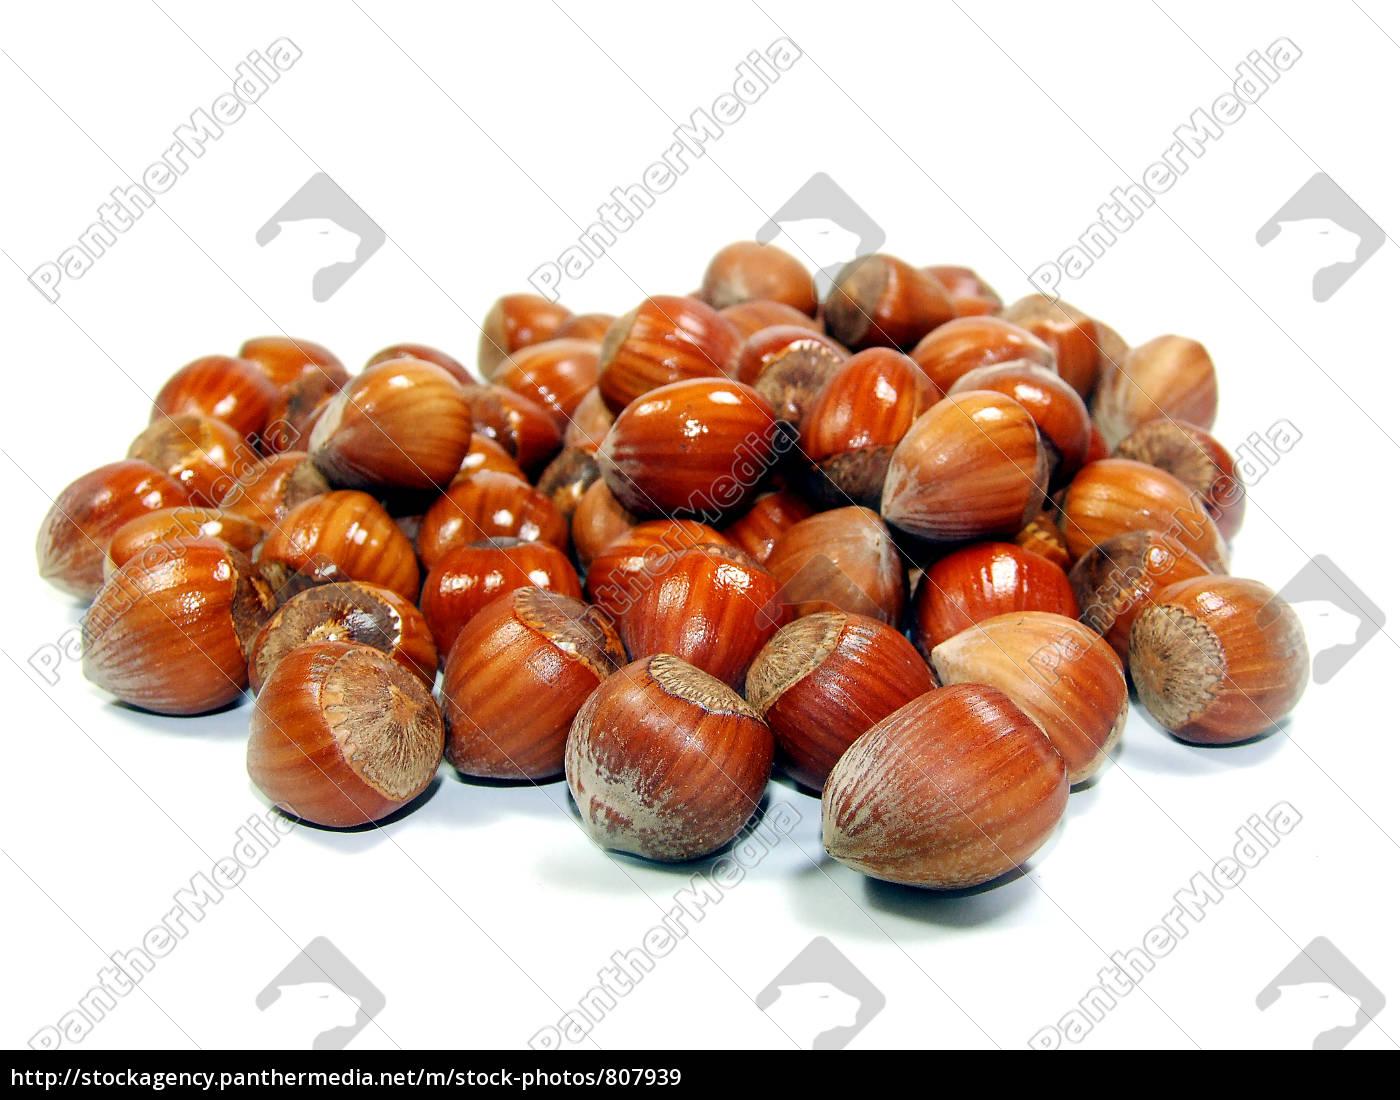 hazelnuts - 807939